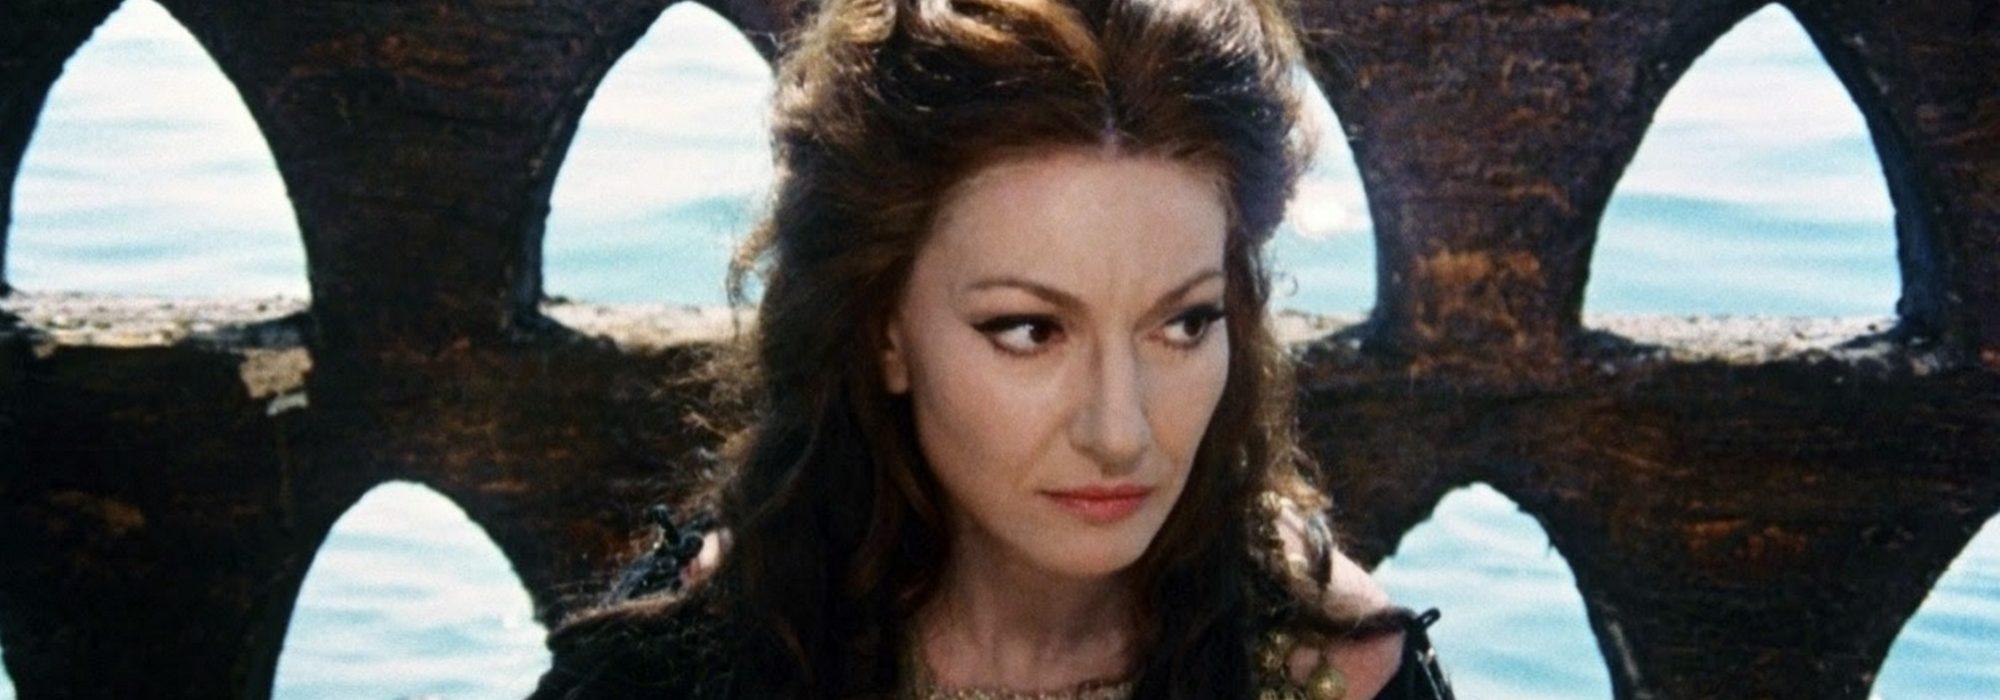 Imagem: Maria Callas em Medeia, de Pasolini (Divulgação)